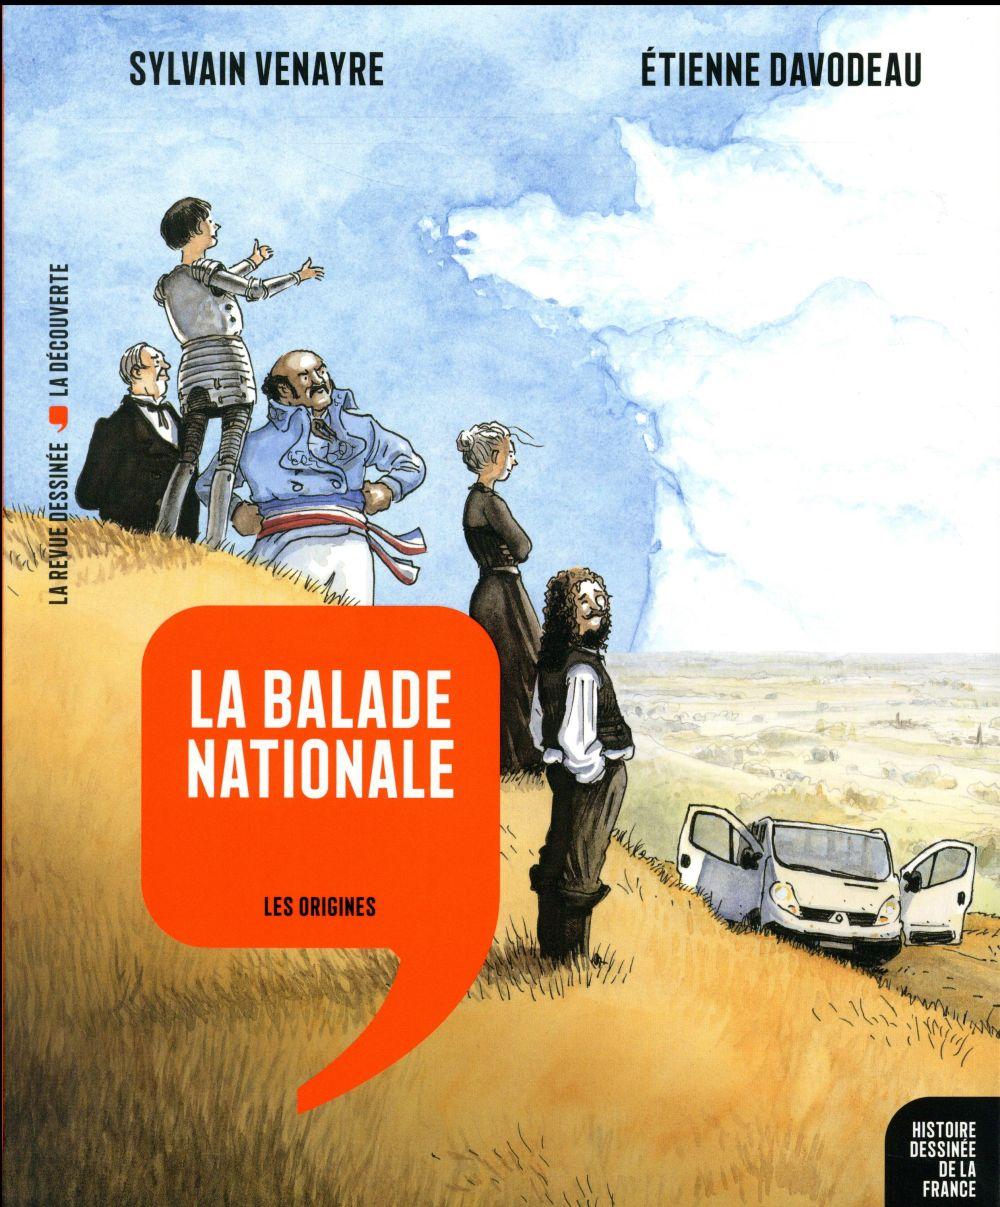 HISTOIRE DESSINEE DE LA FRANCE VENAYRE SYLVAIN REVUE DESSINEE